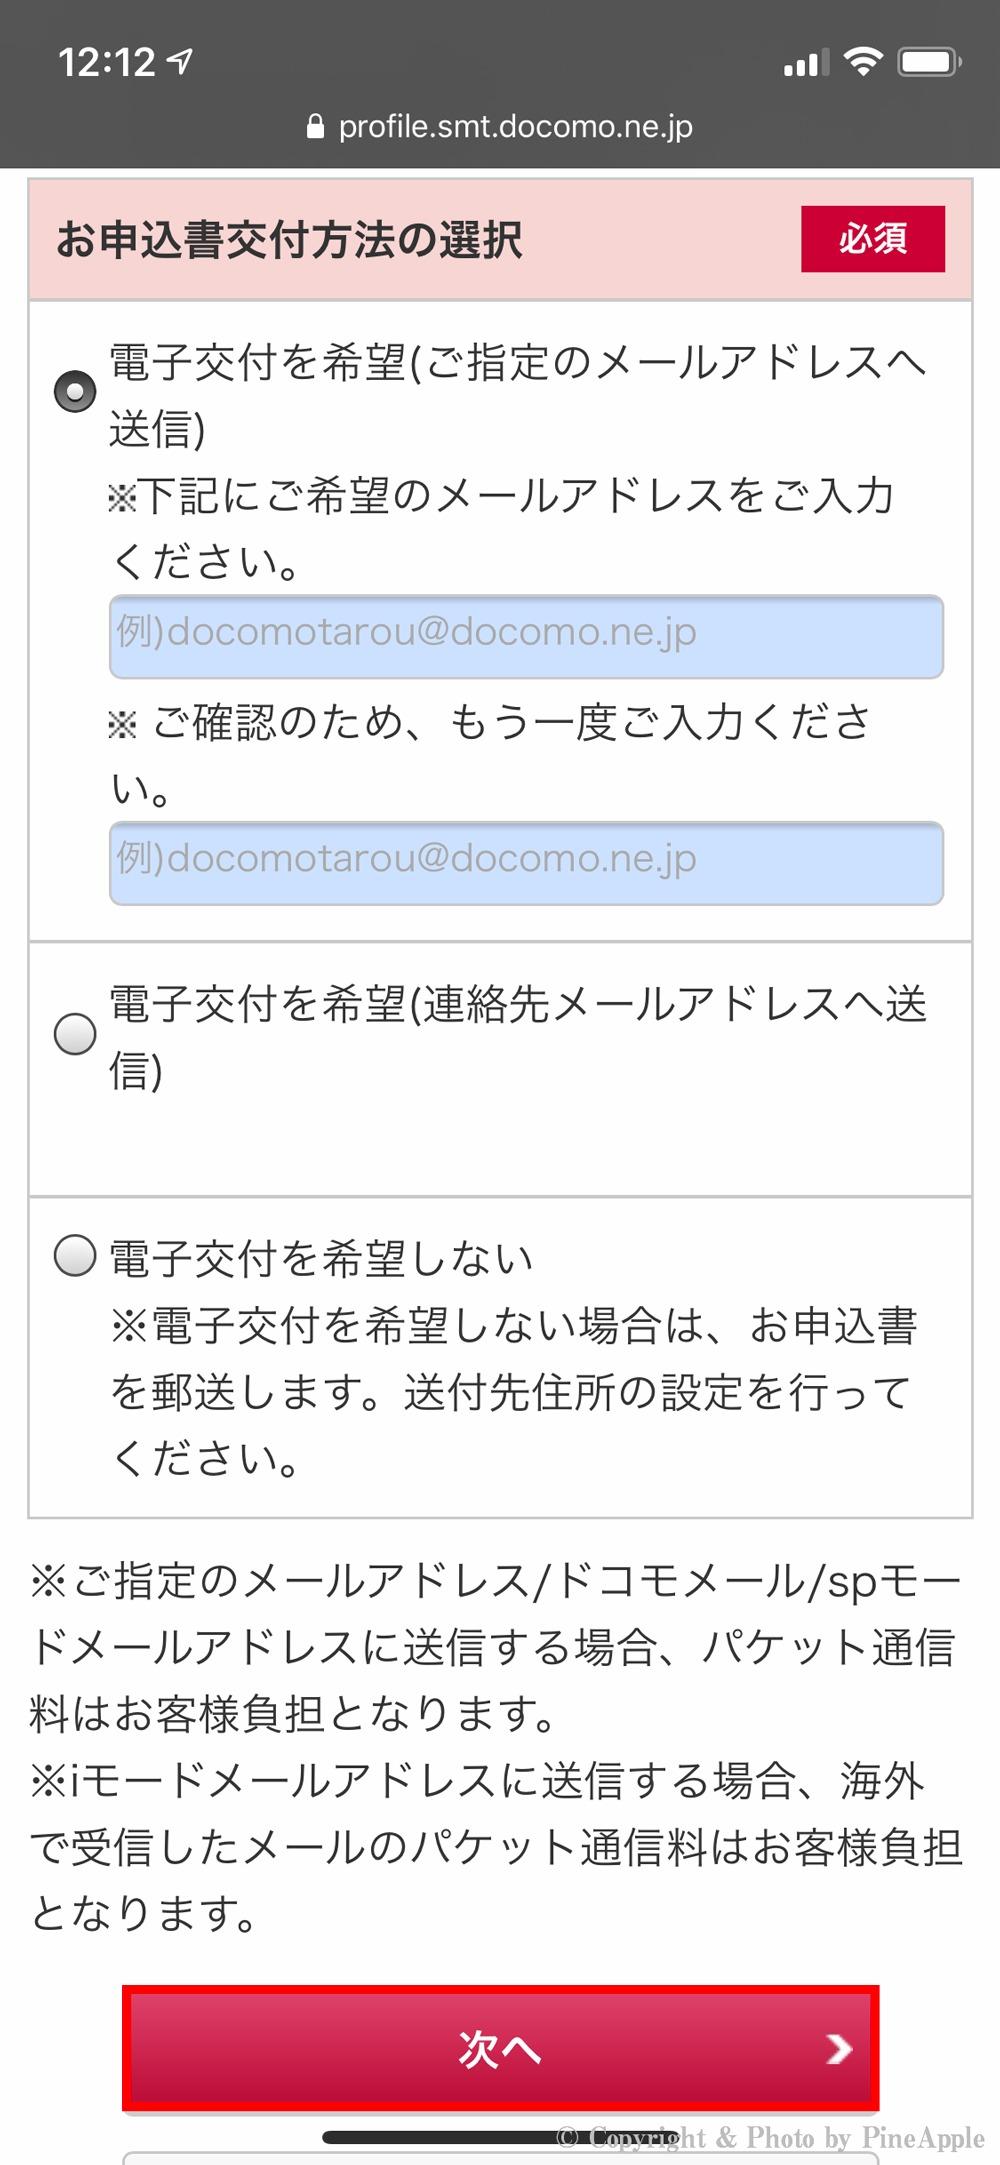 d Wi-Fi:「お申込書交付方法の選択」で希望の交付方法を選択